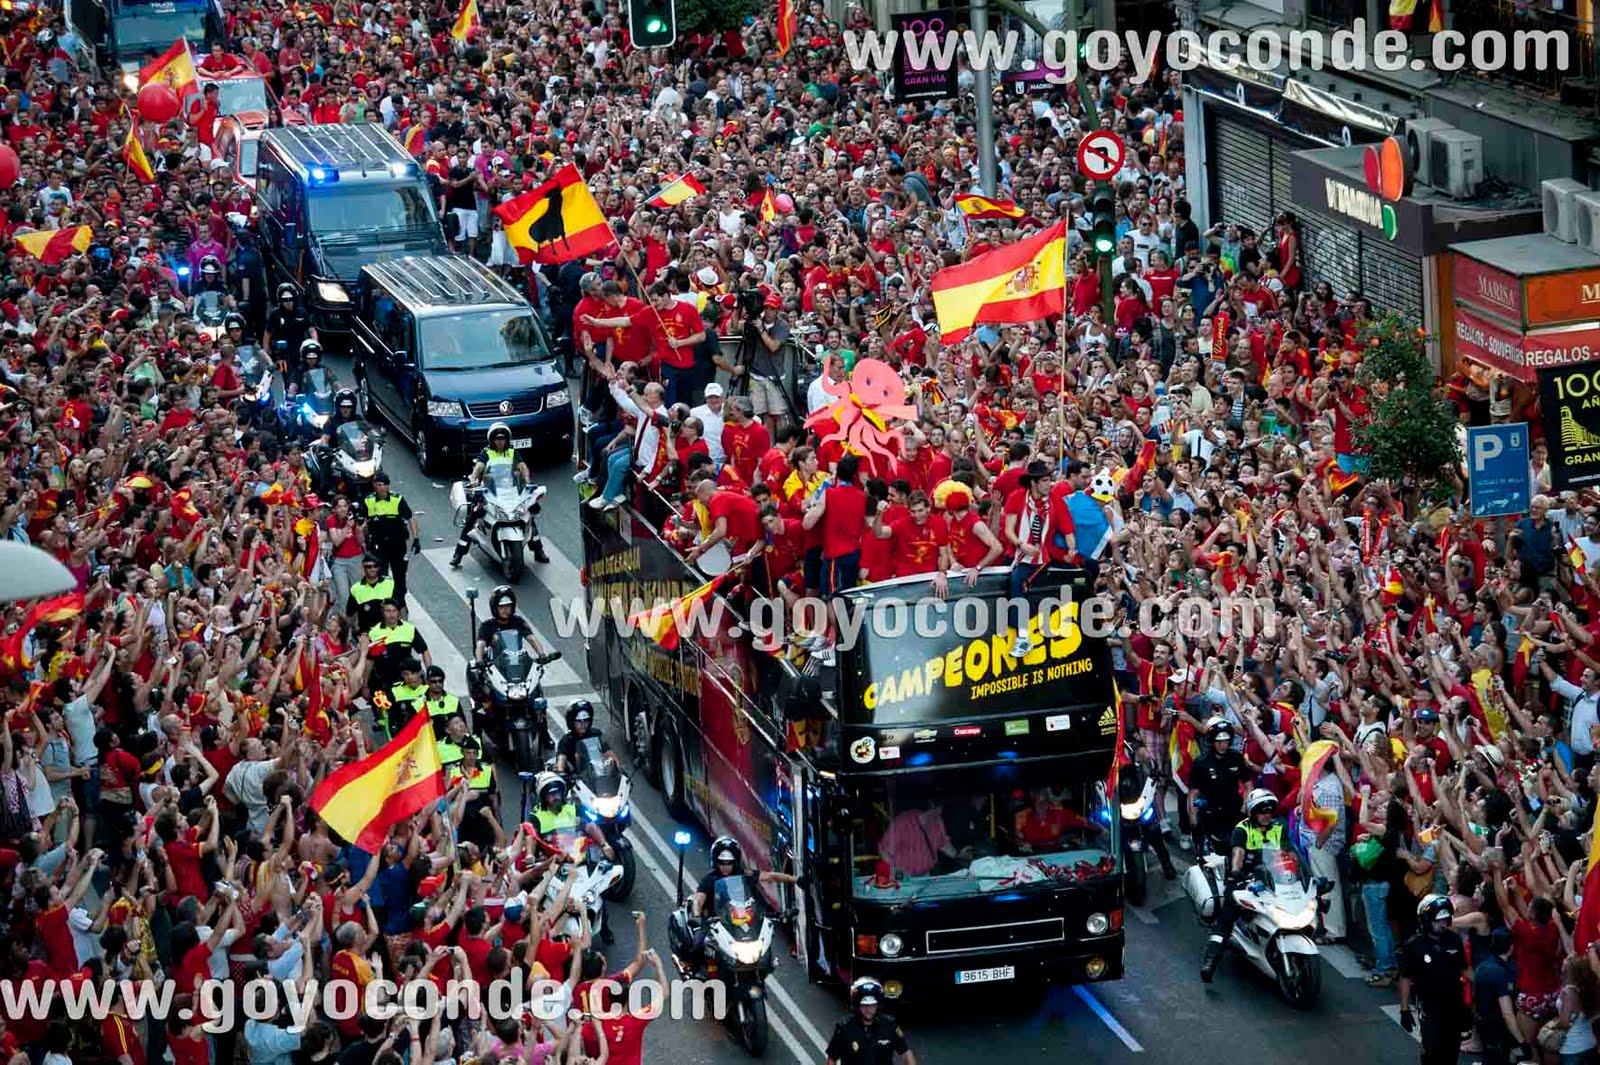 Espa a campeona del mundo de futbol 2010 goyo conde - Tarimas del mundo madrid ...